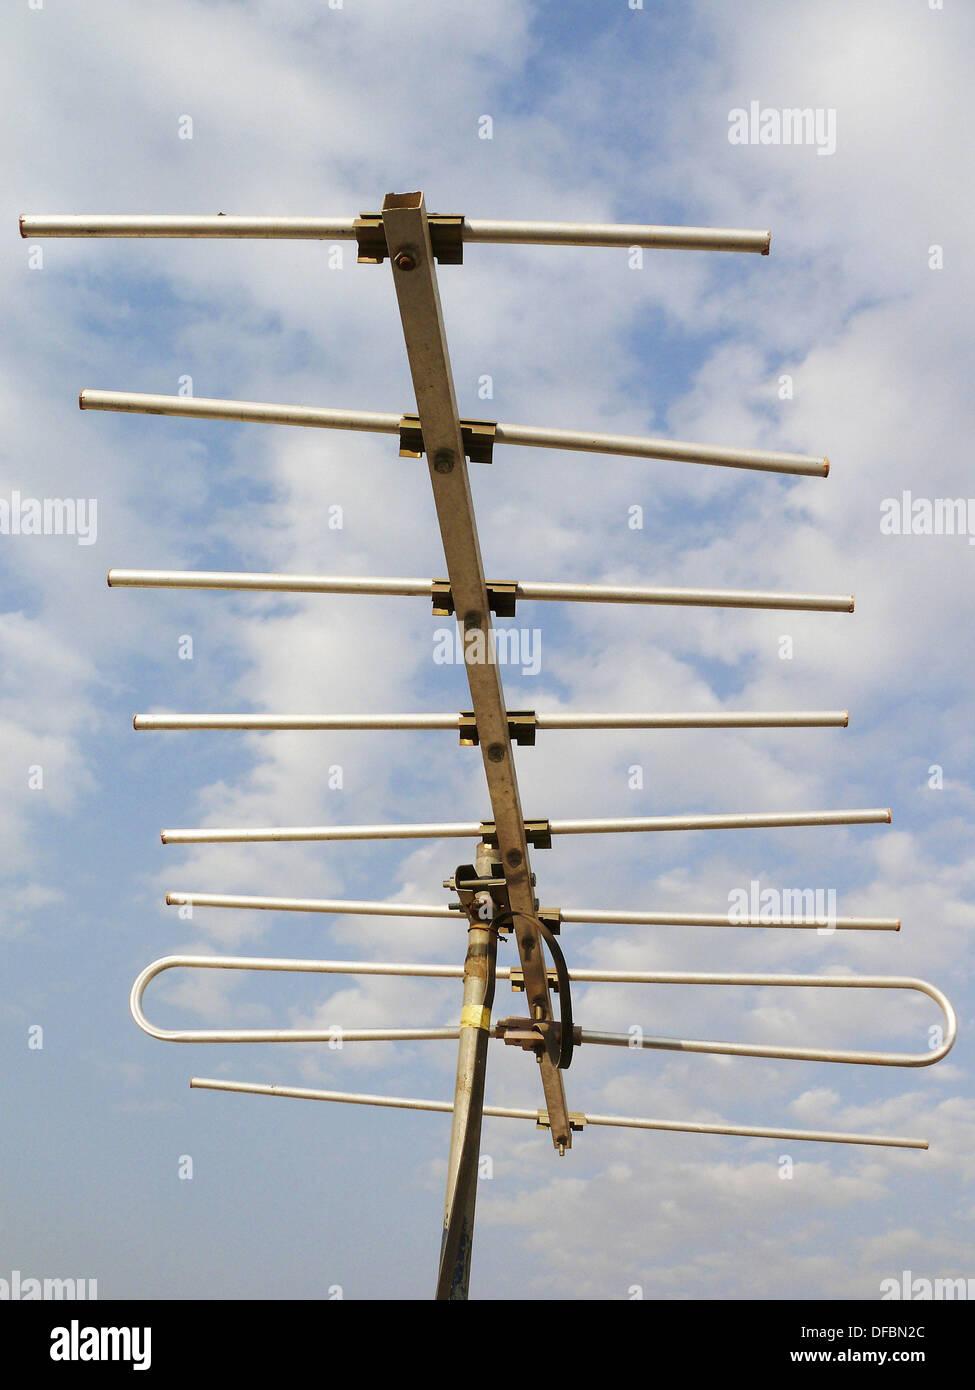 Yagi Antenna Stock Photos & Yagi Antenna Stock Images - Alamy